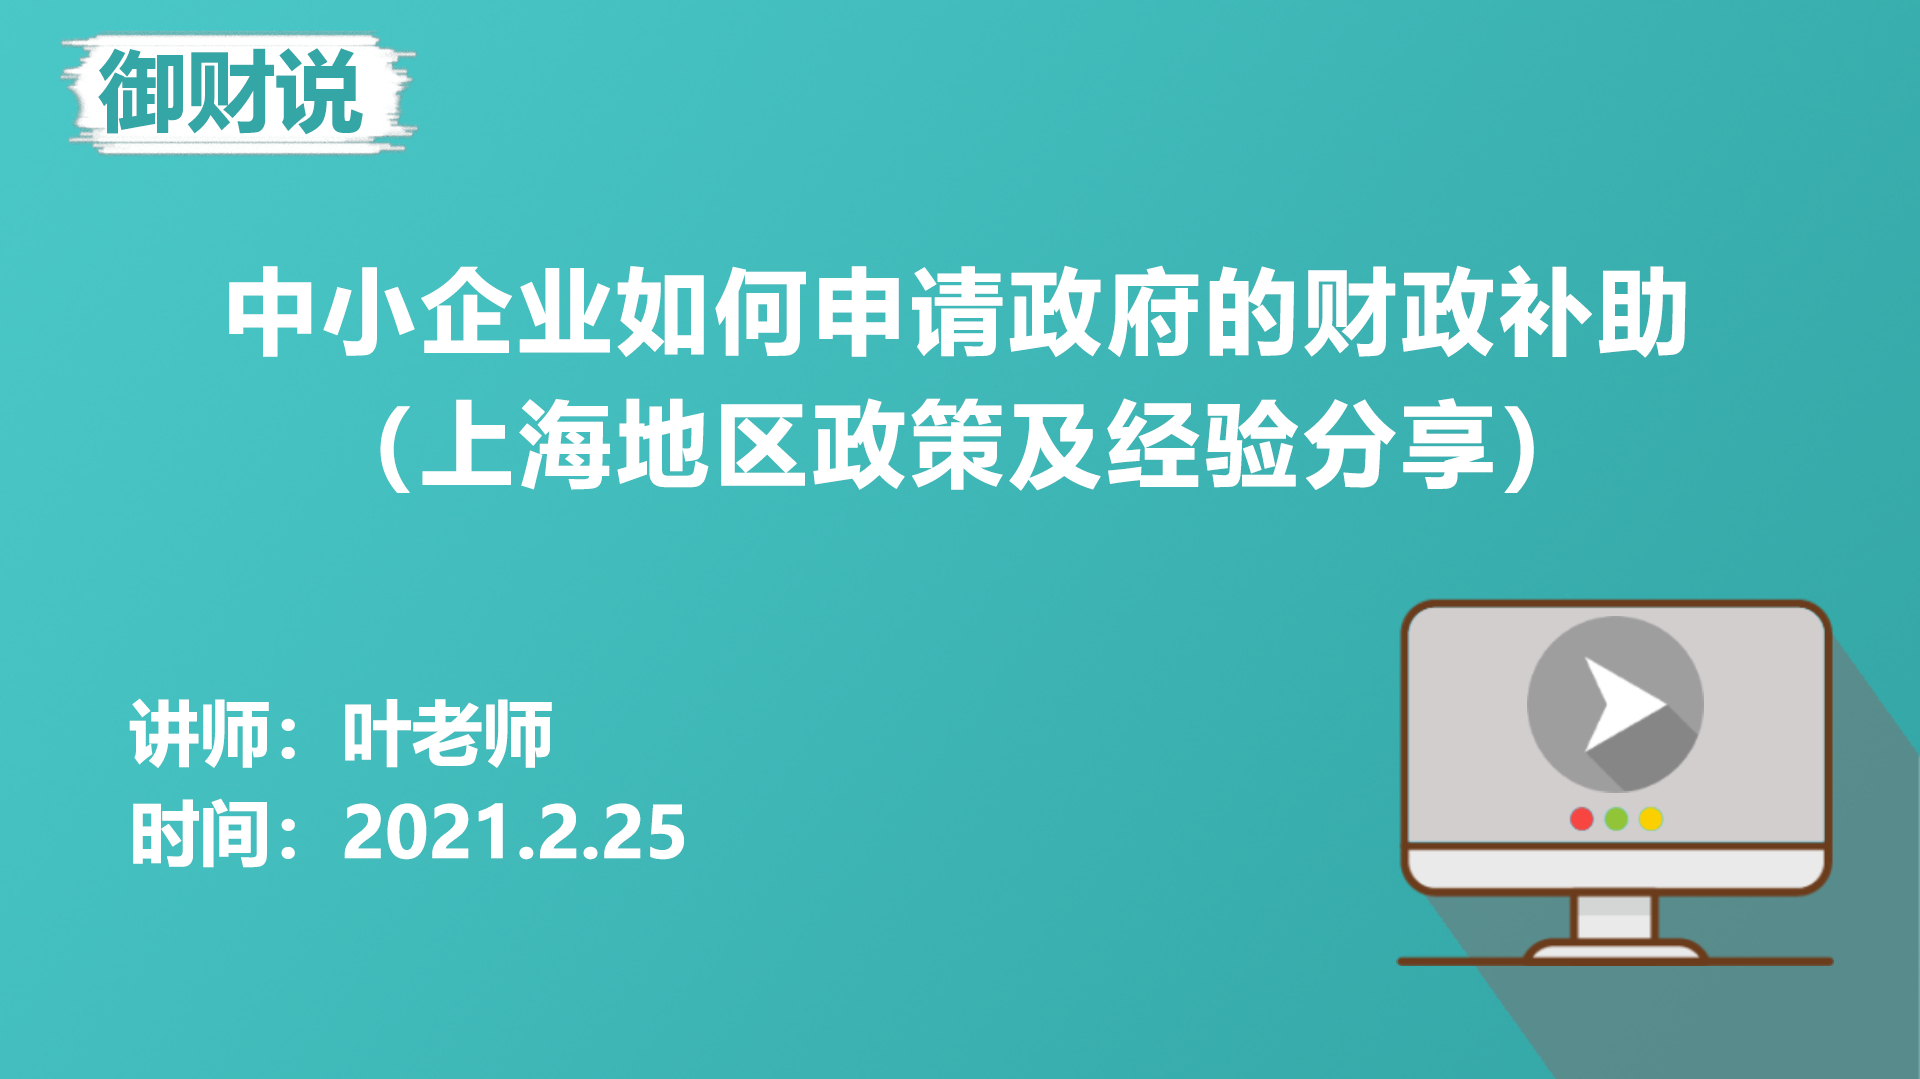 2.25中小企业如何申请政府的财政补助(上海地区政策及经验分享)